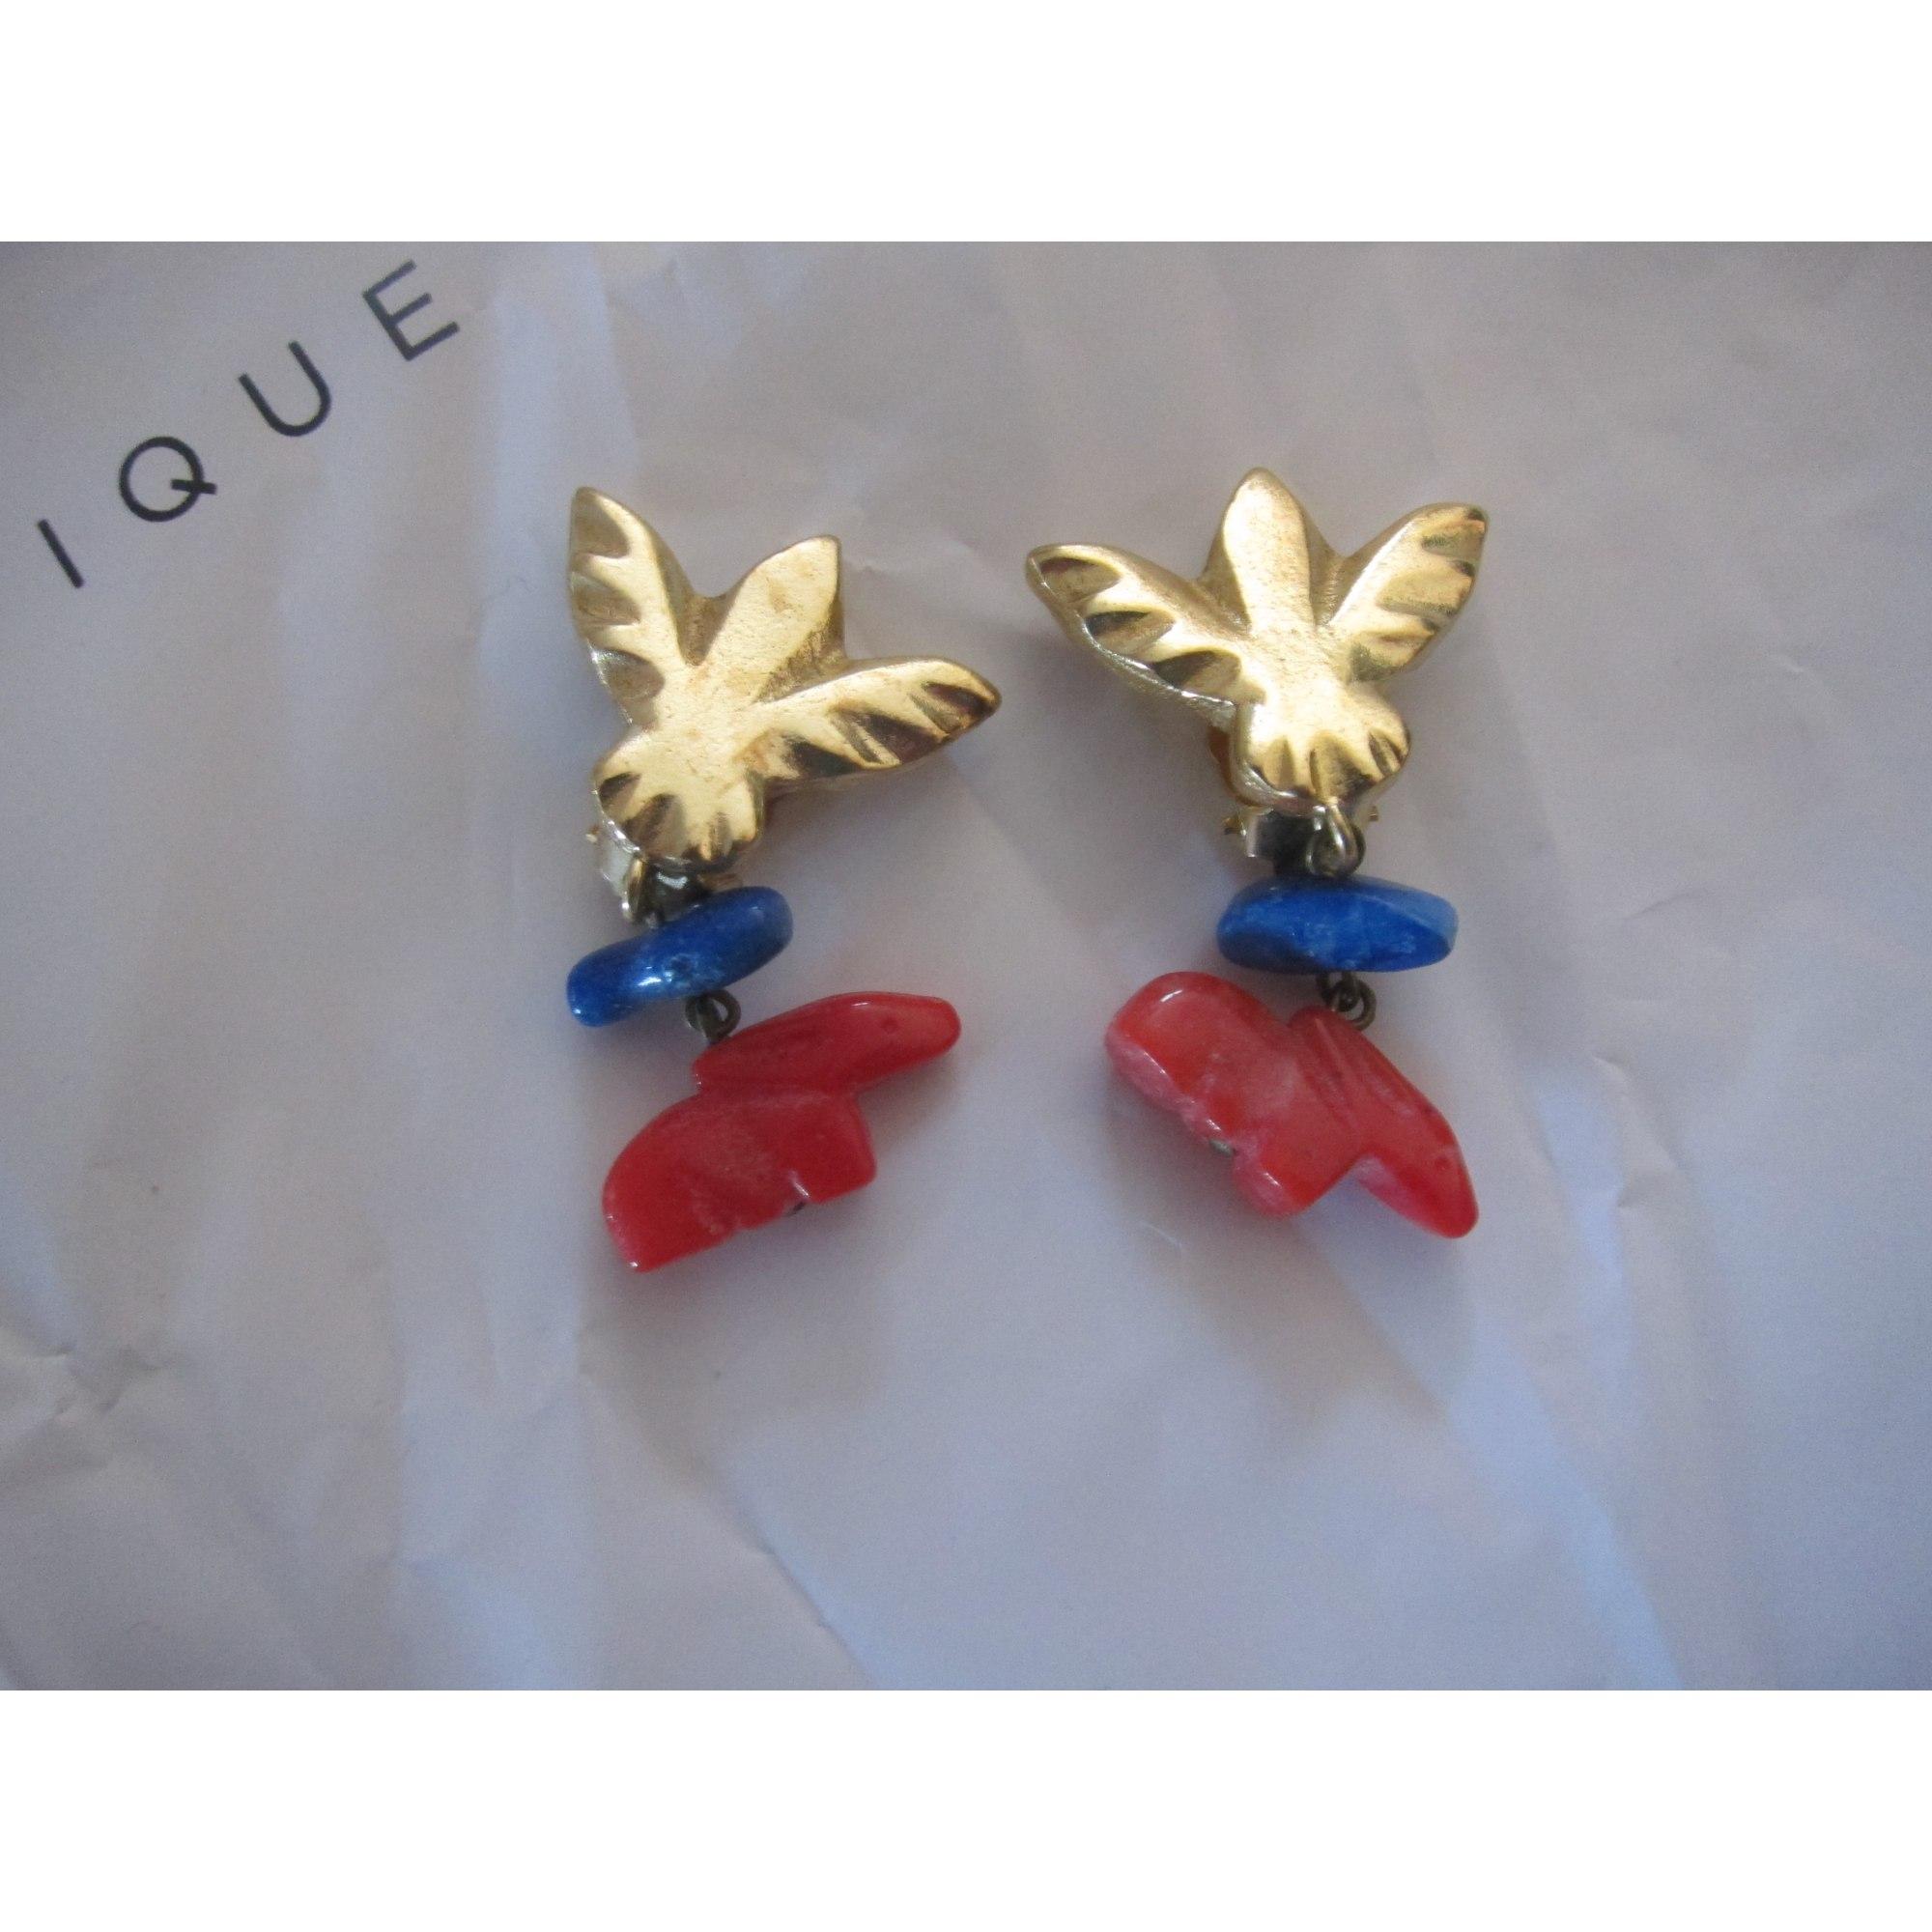 Boucles d'oreille POGGI Doré, bronze, cuivre